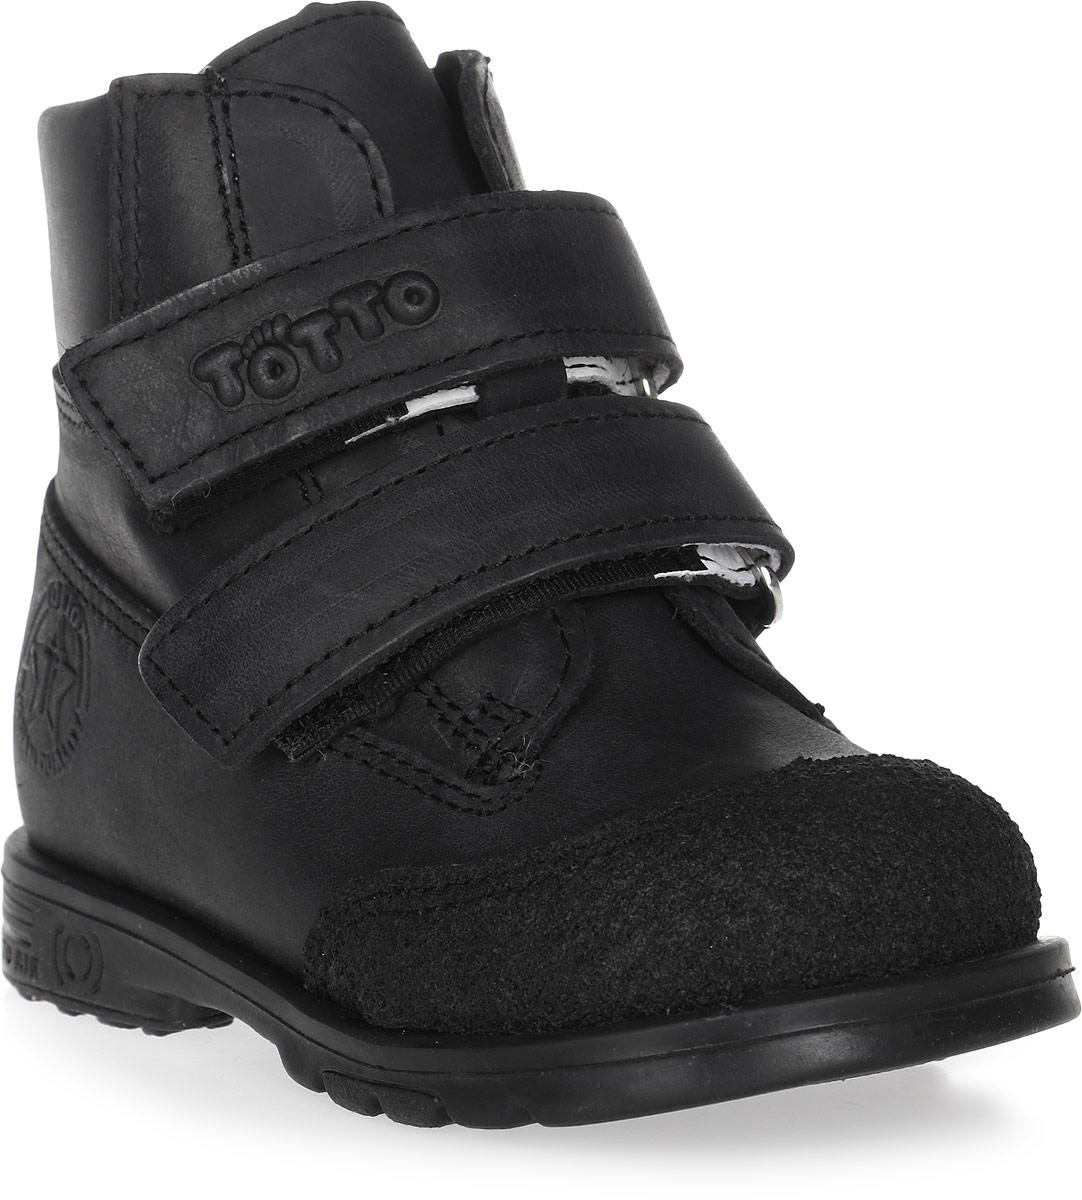 Ботинки для мальчиков Тотто, цвет: черный. 126/1-БП. Размер 26126/1-БПСтильные ботинки для мальчика Тотто займут достойное место в гардеробе вашего ребенка. Модель с высоким жестким задником и усиленным мыском выполнена из натуральной кожи и оформлена тисненым логотипом бренда и прострочкой. Внутренняя поверхность ботинок и стелька выполнены из байки, обеспечивающей тепло и комфорт при движении. Верх изделия дополнен удобными застежками-липучками, которые обеспечат комфортную фиксацию модели на ноге и отрегулируют объем, а рифленая поверхность подошвы защитит от скольжения во время движения. Стильные ботинки - незаменимая вещь в гардеробе каждого мальчика!